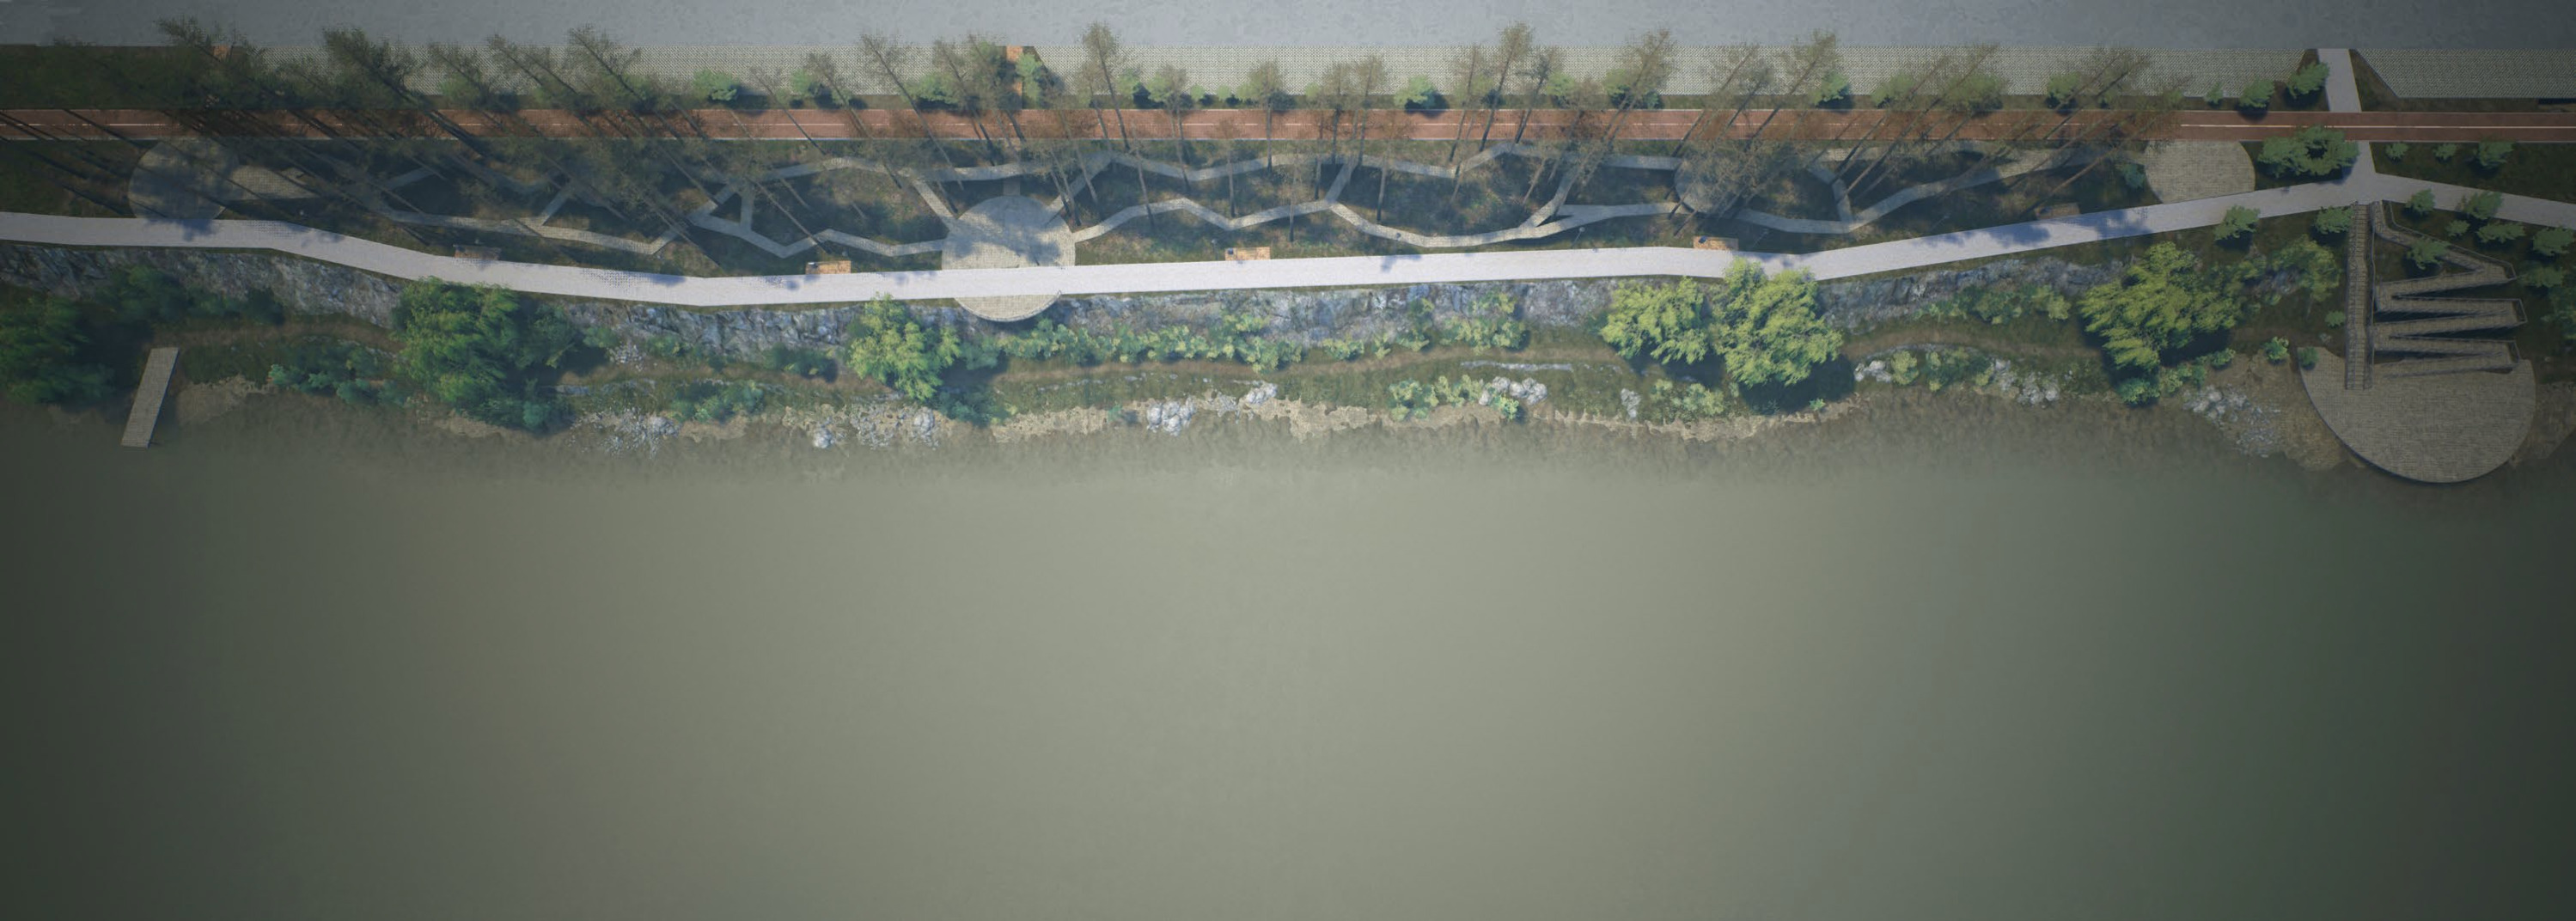 В самой узкой части набережной предложили устроить полосу препятствий